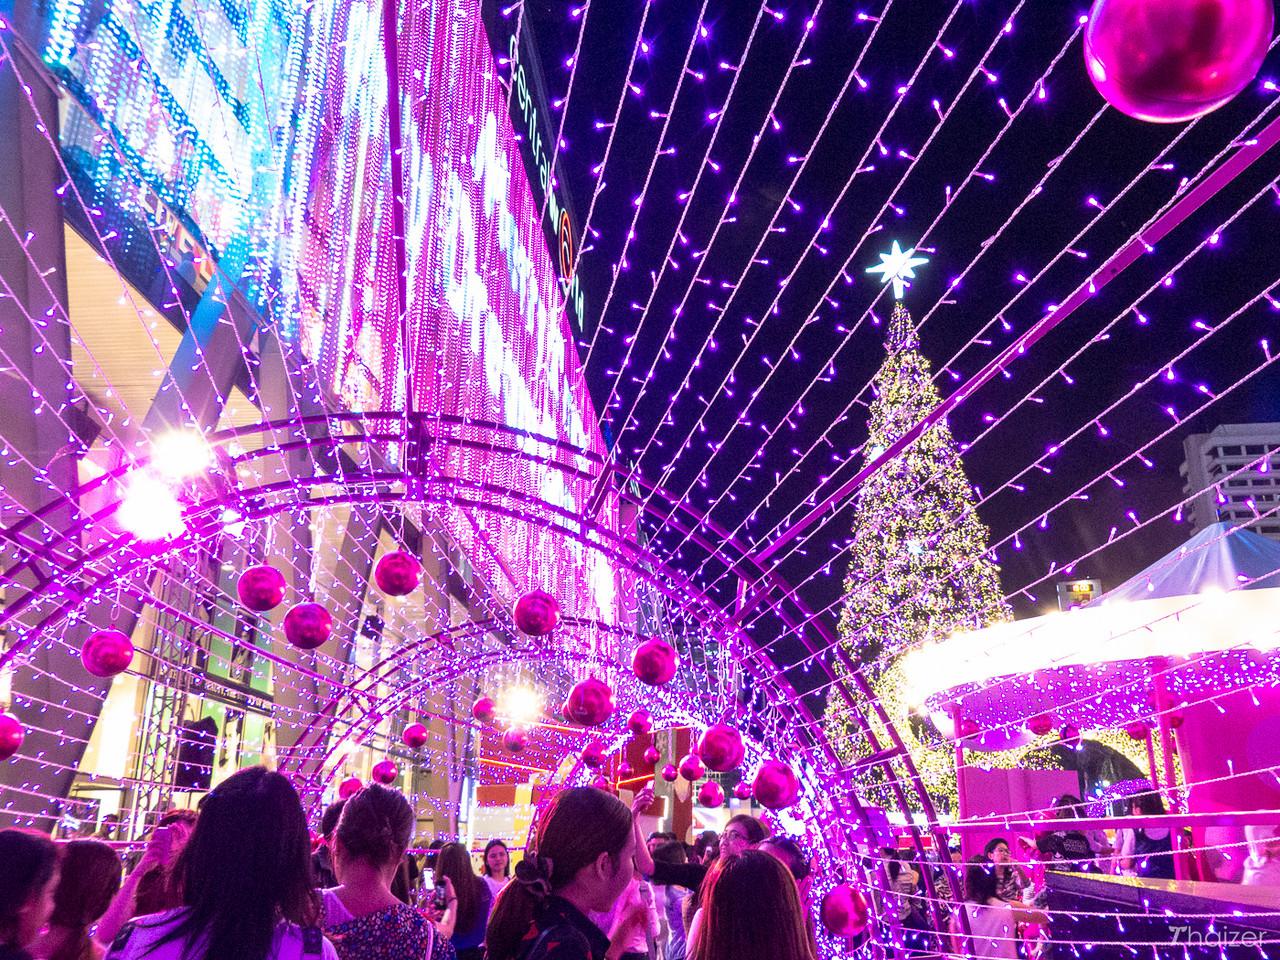 festive display at Central World, Bangkok